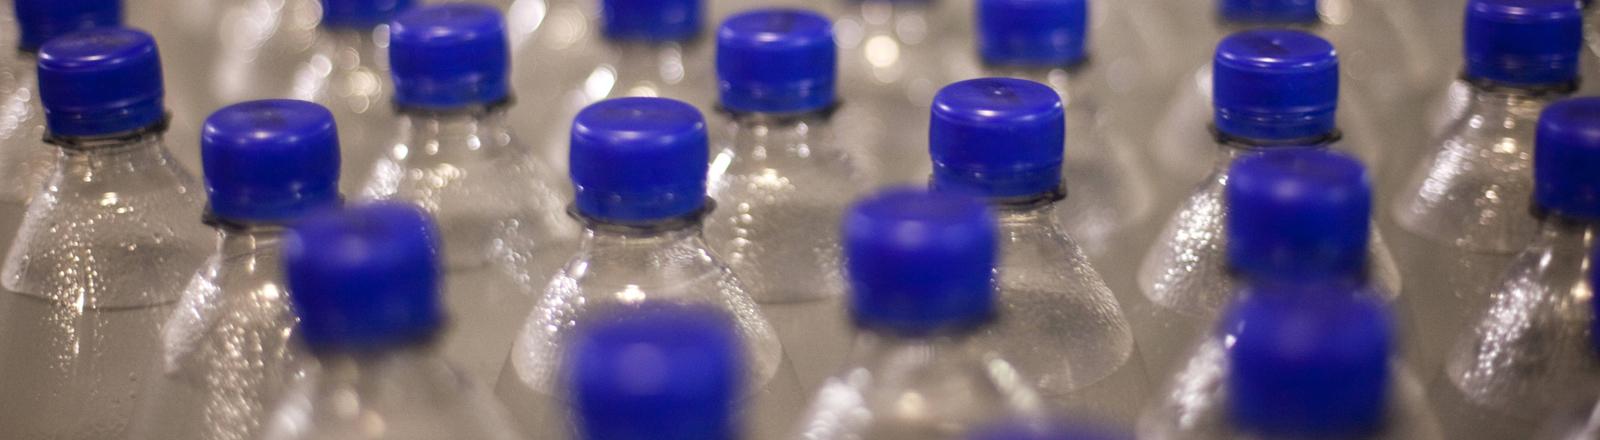 Viele Einwegflaschen mit blauen Deckeln.